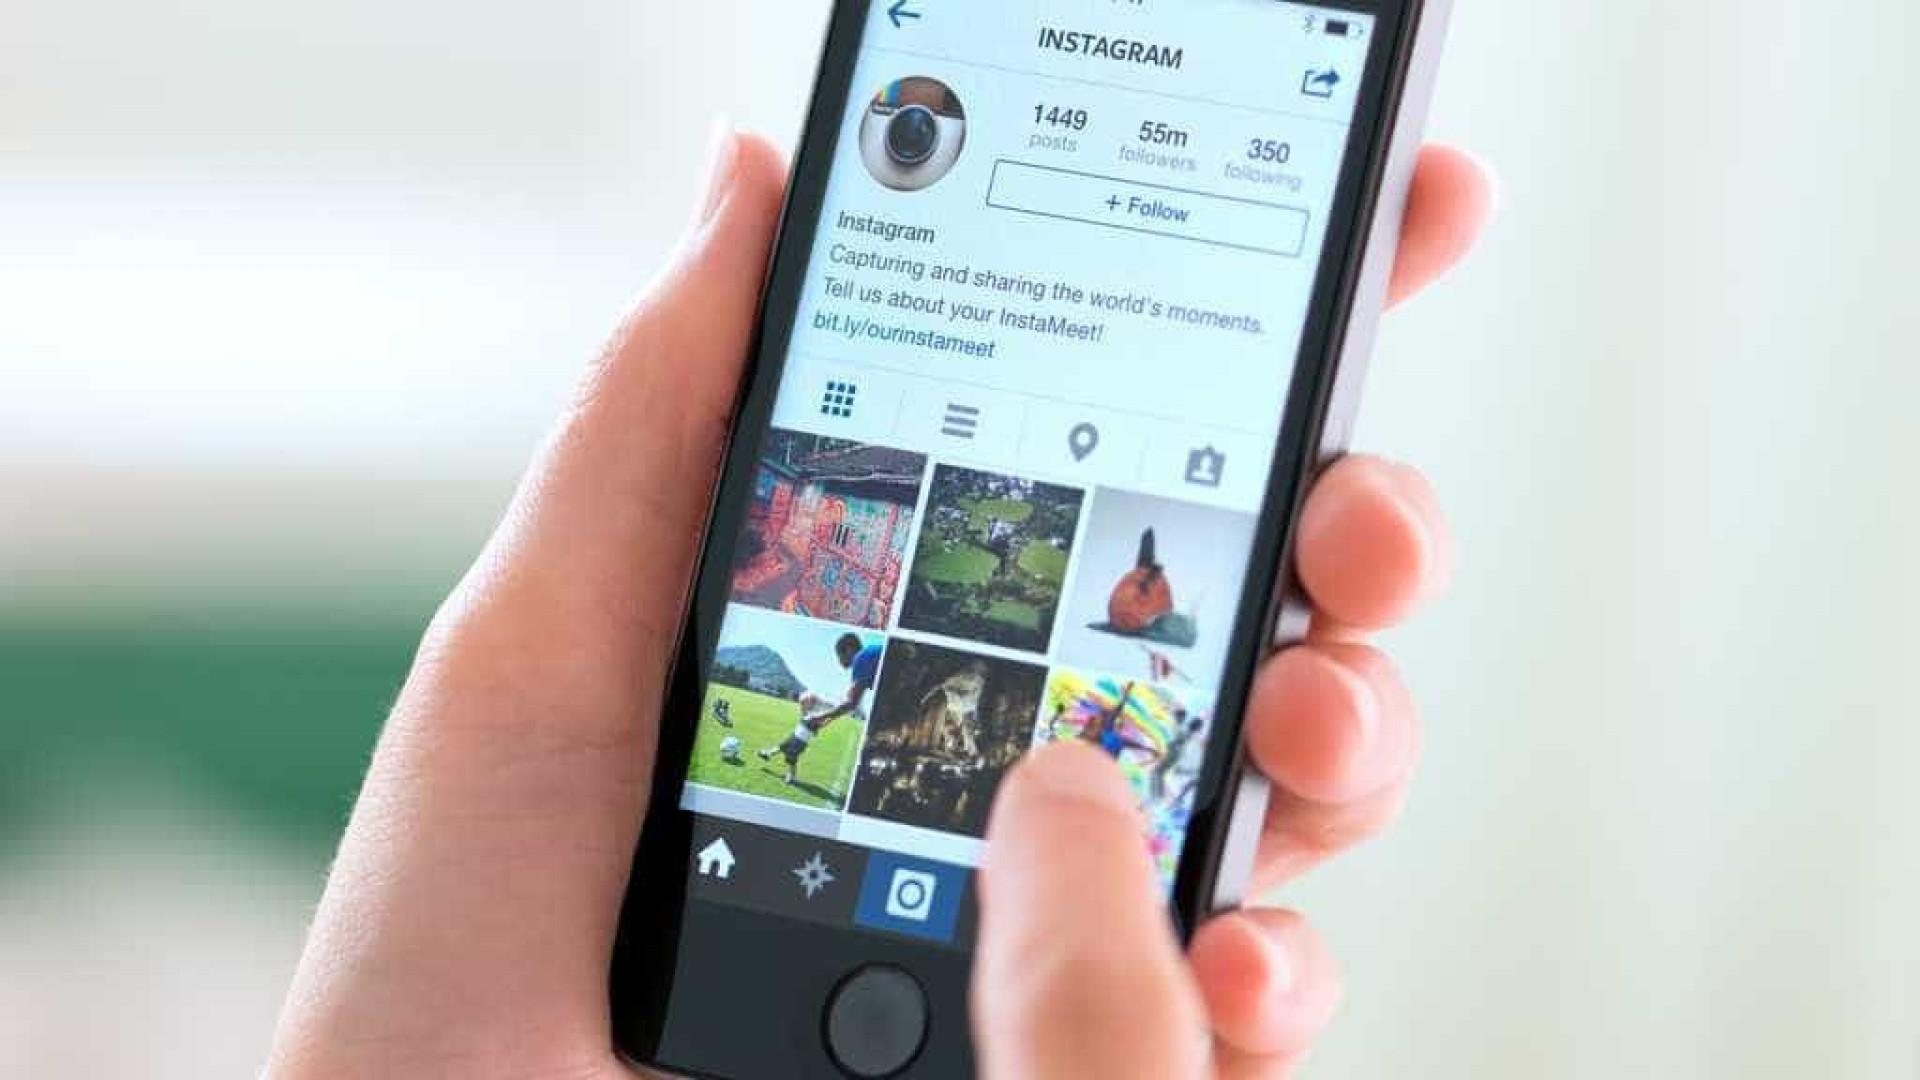 Desconhecidos poderão ver as suas Stories no Instagram